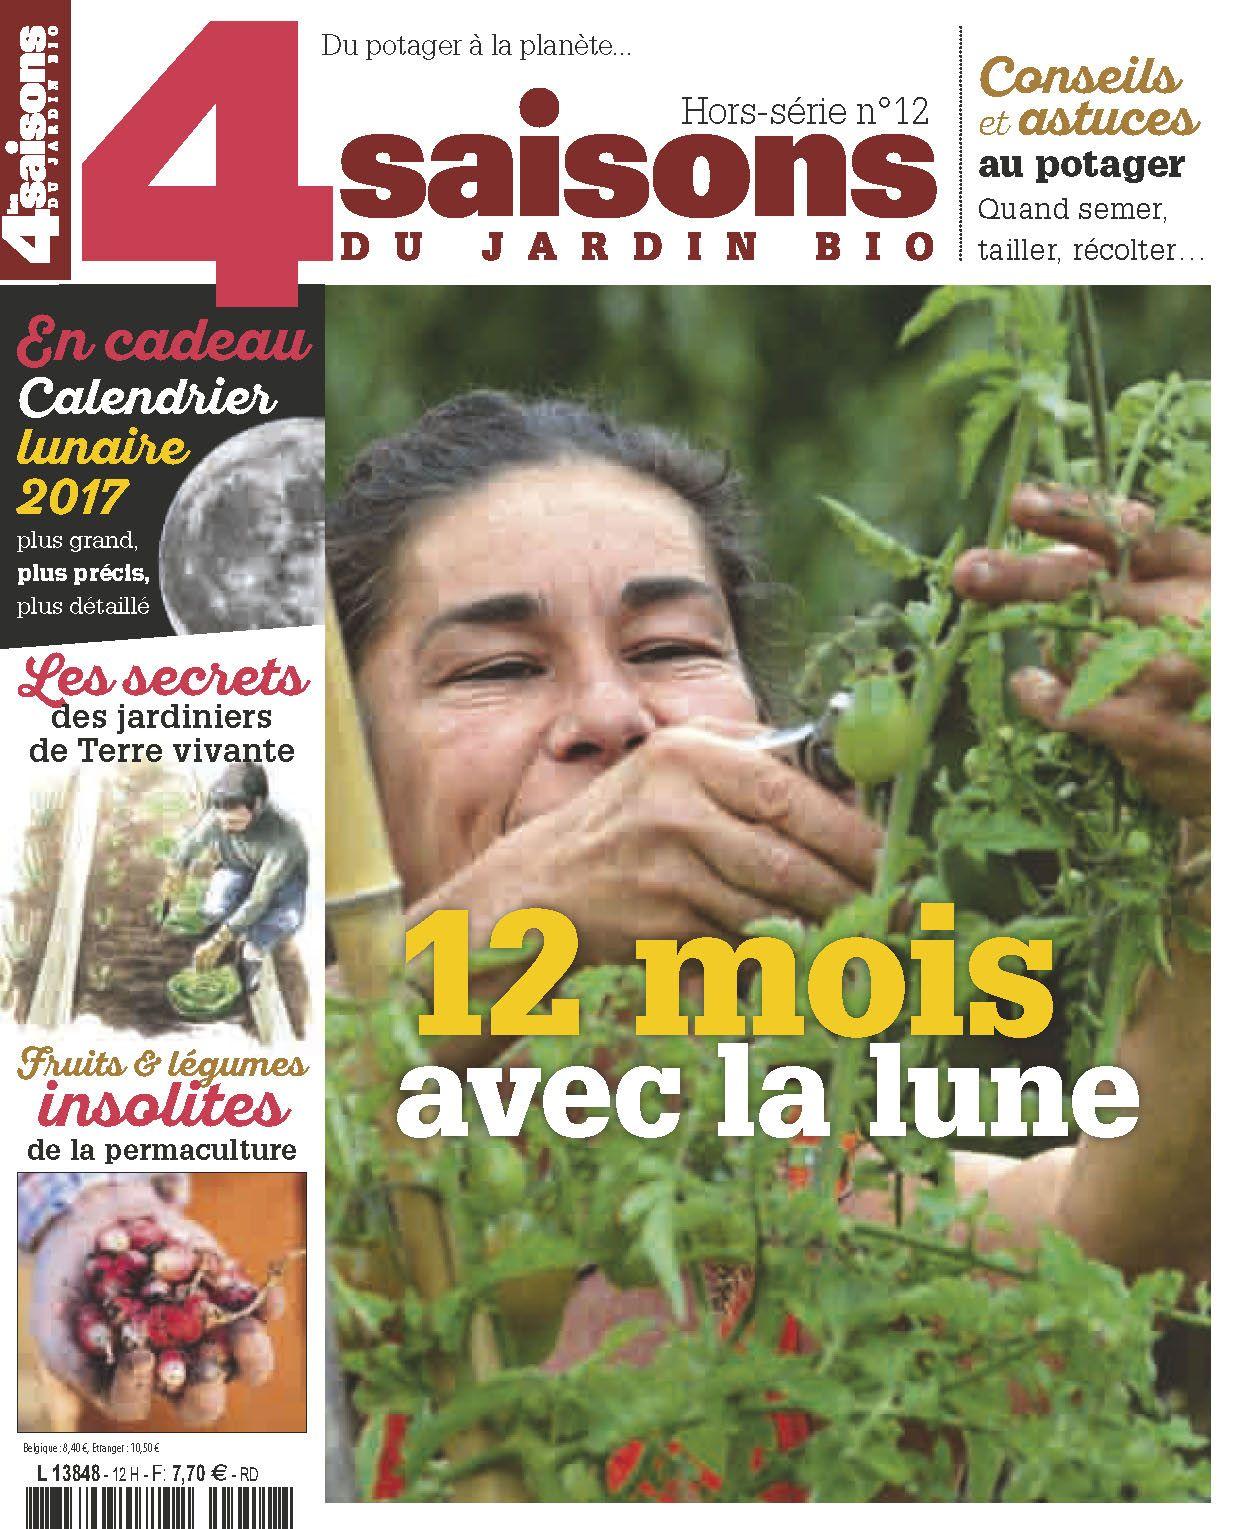 12 Mois Avec La Lune Hors Serie Des 4 Saisons Du Jardin Bio